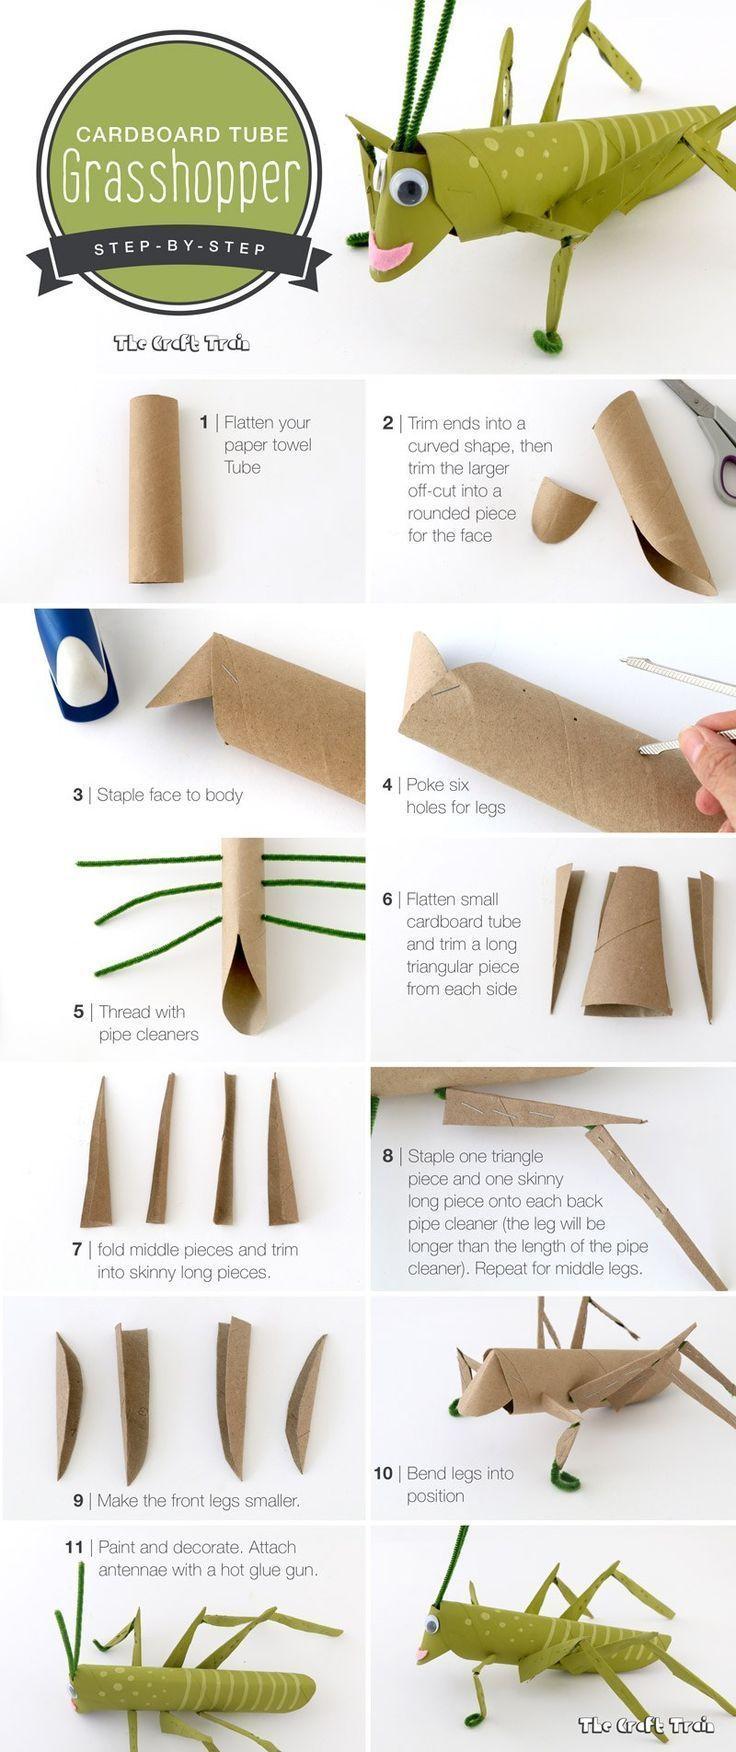 Pappröhre Grashüpfer Recycling Handwerk für Kin…